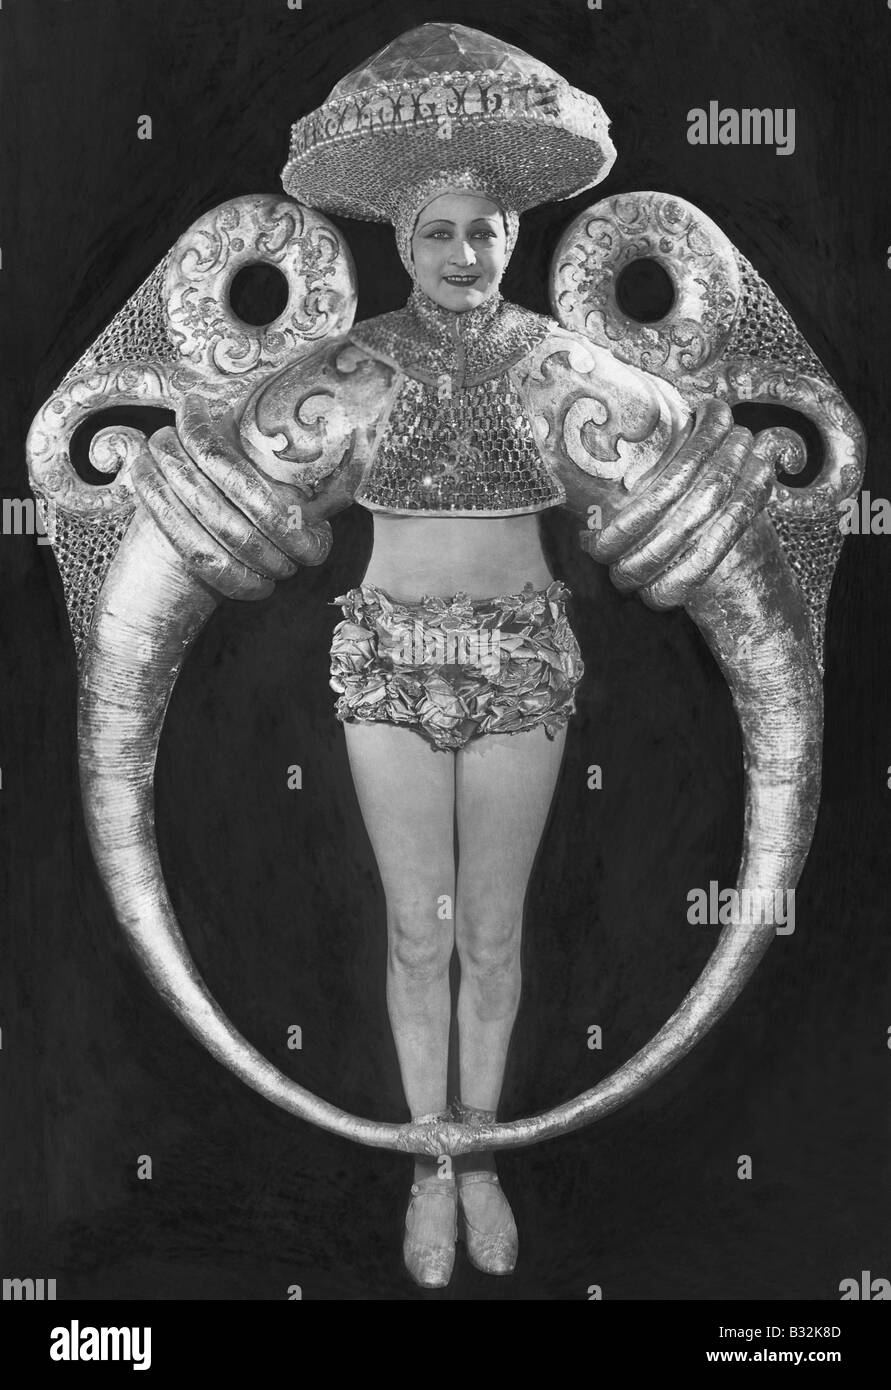 Porträt der Frau in aufwendigen Ring Kostüm Stockbild